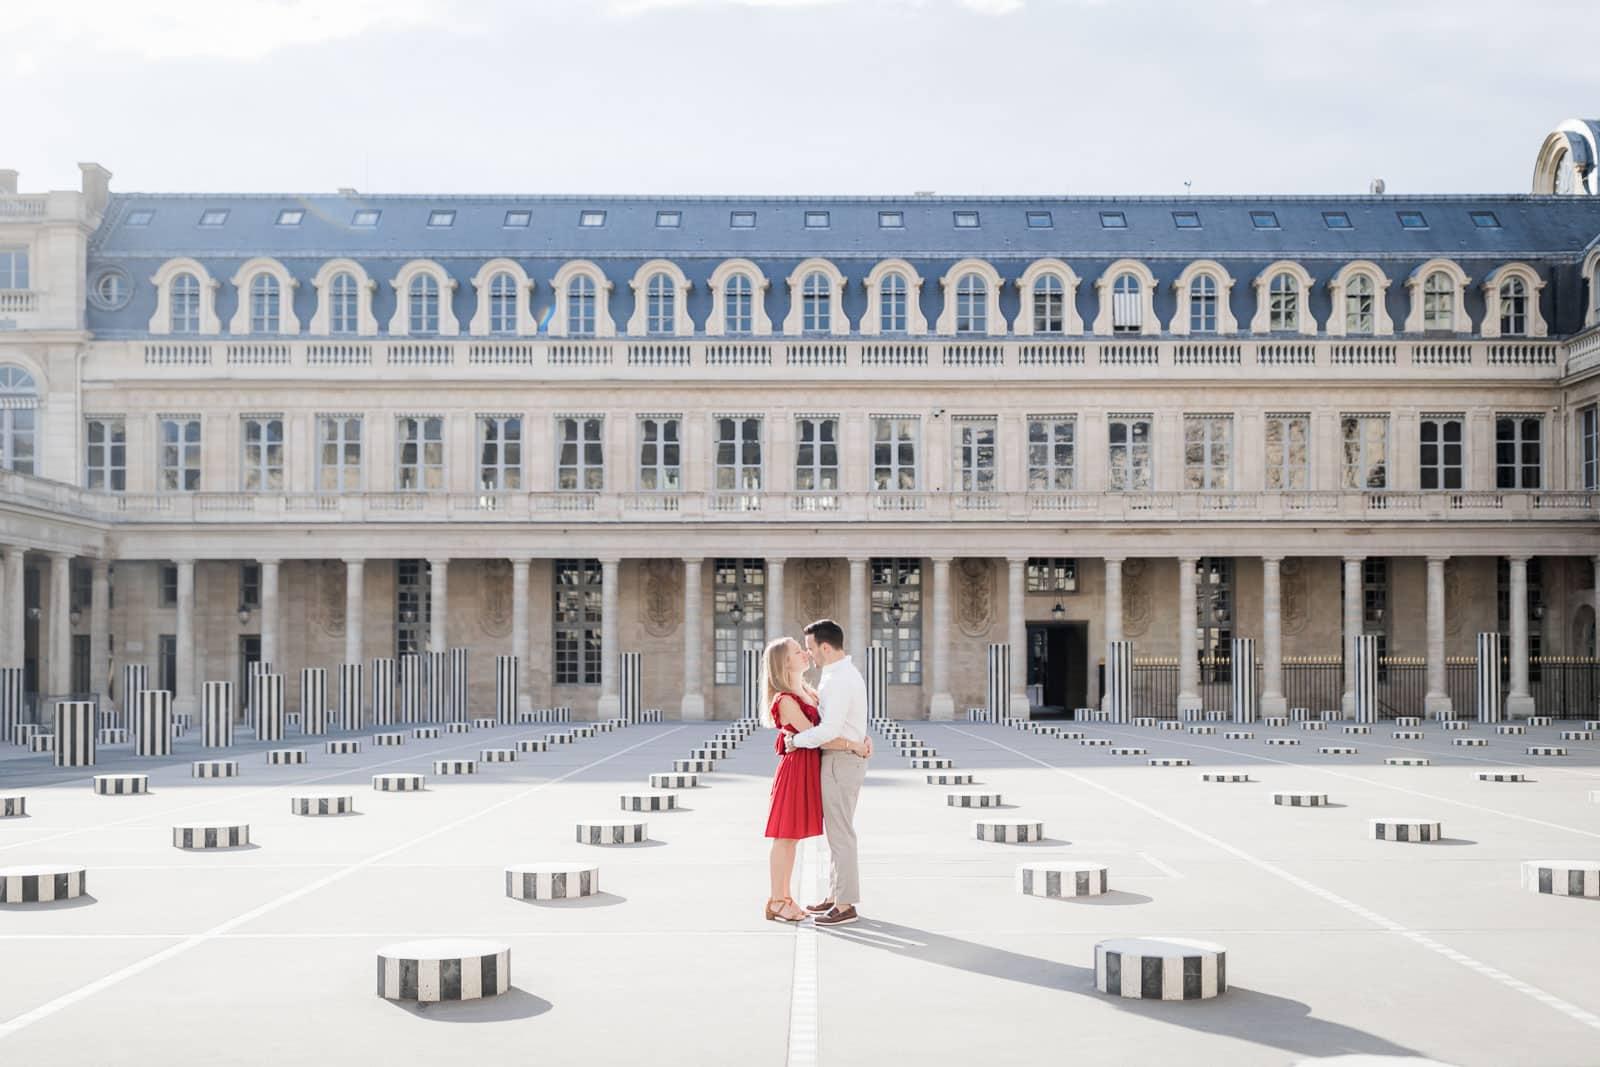 Photographie de Mathieu Dété, photographe de couple, présentant un couple enlacé au milieu du Palais Royal à Paris